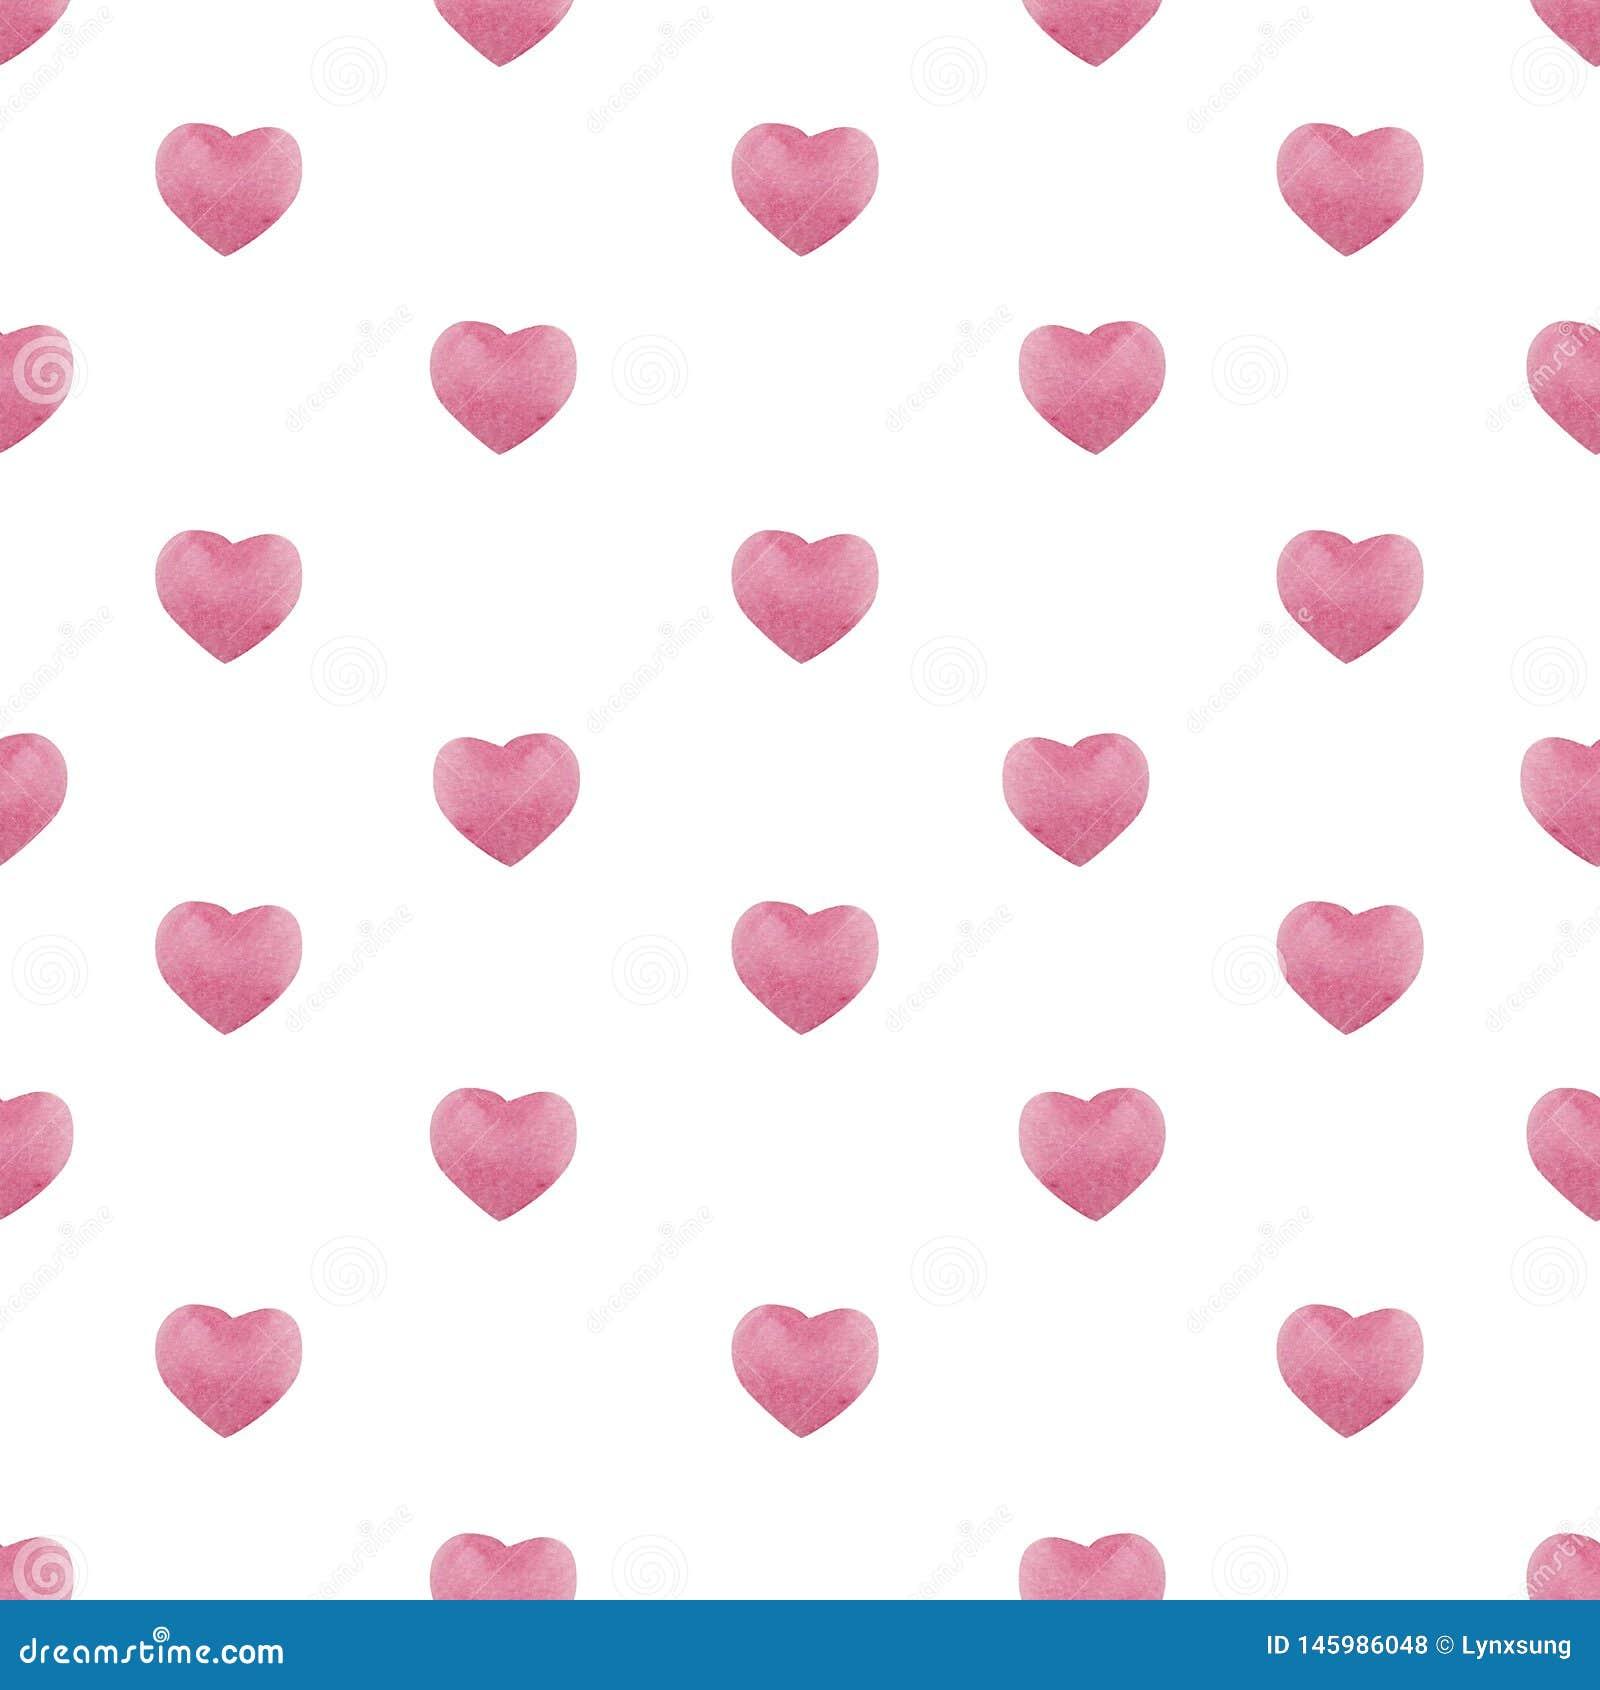 Άνευ ραφής σχέδιο ημέρας βαλεντίνων με τις ρόδινες καρδιές watercolor, υπόβαθρο για τον εορτασμό την 14η Φεβρουαρίου